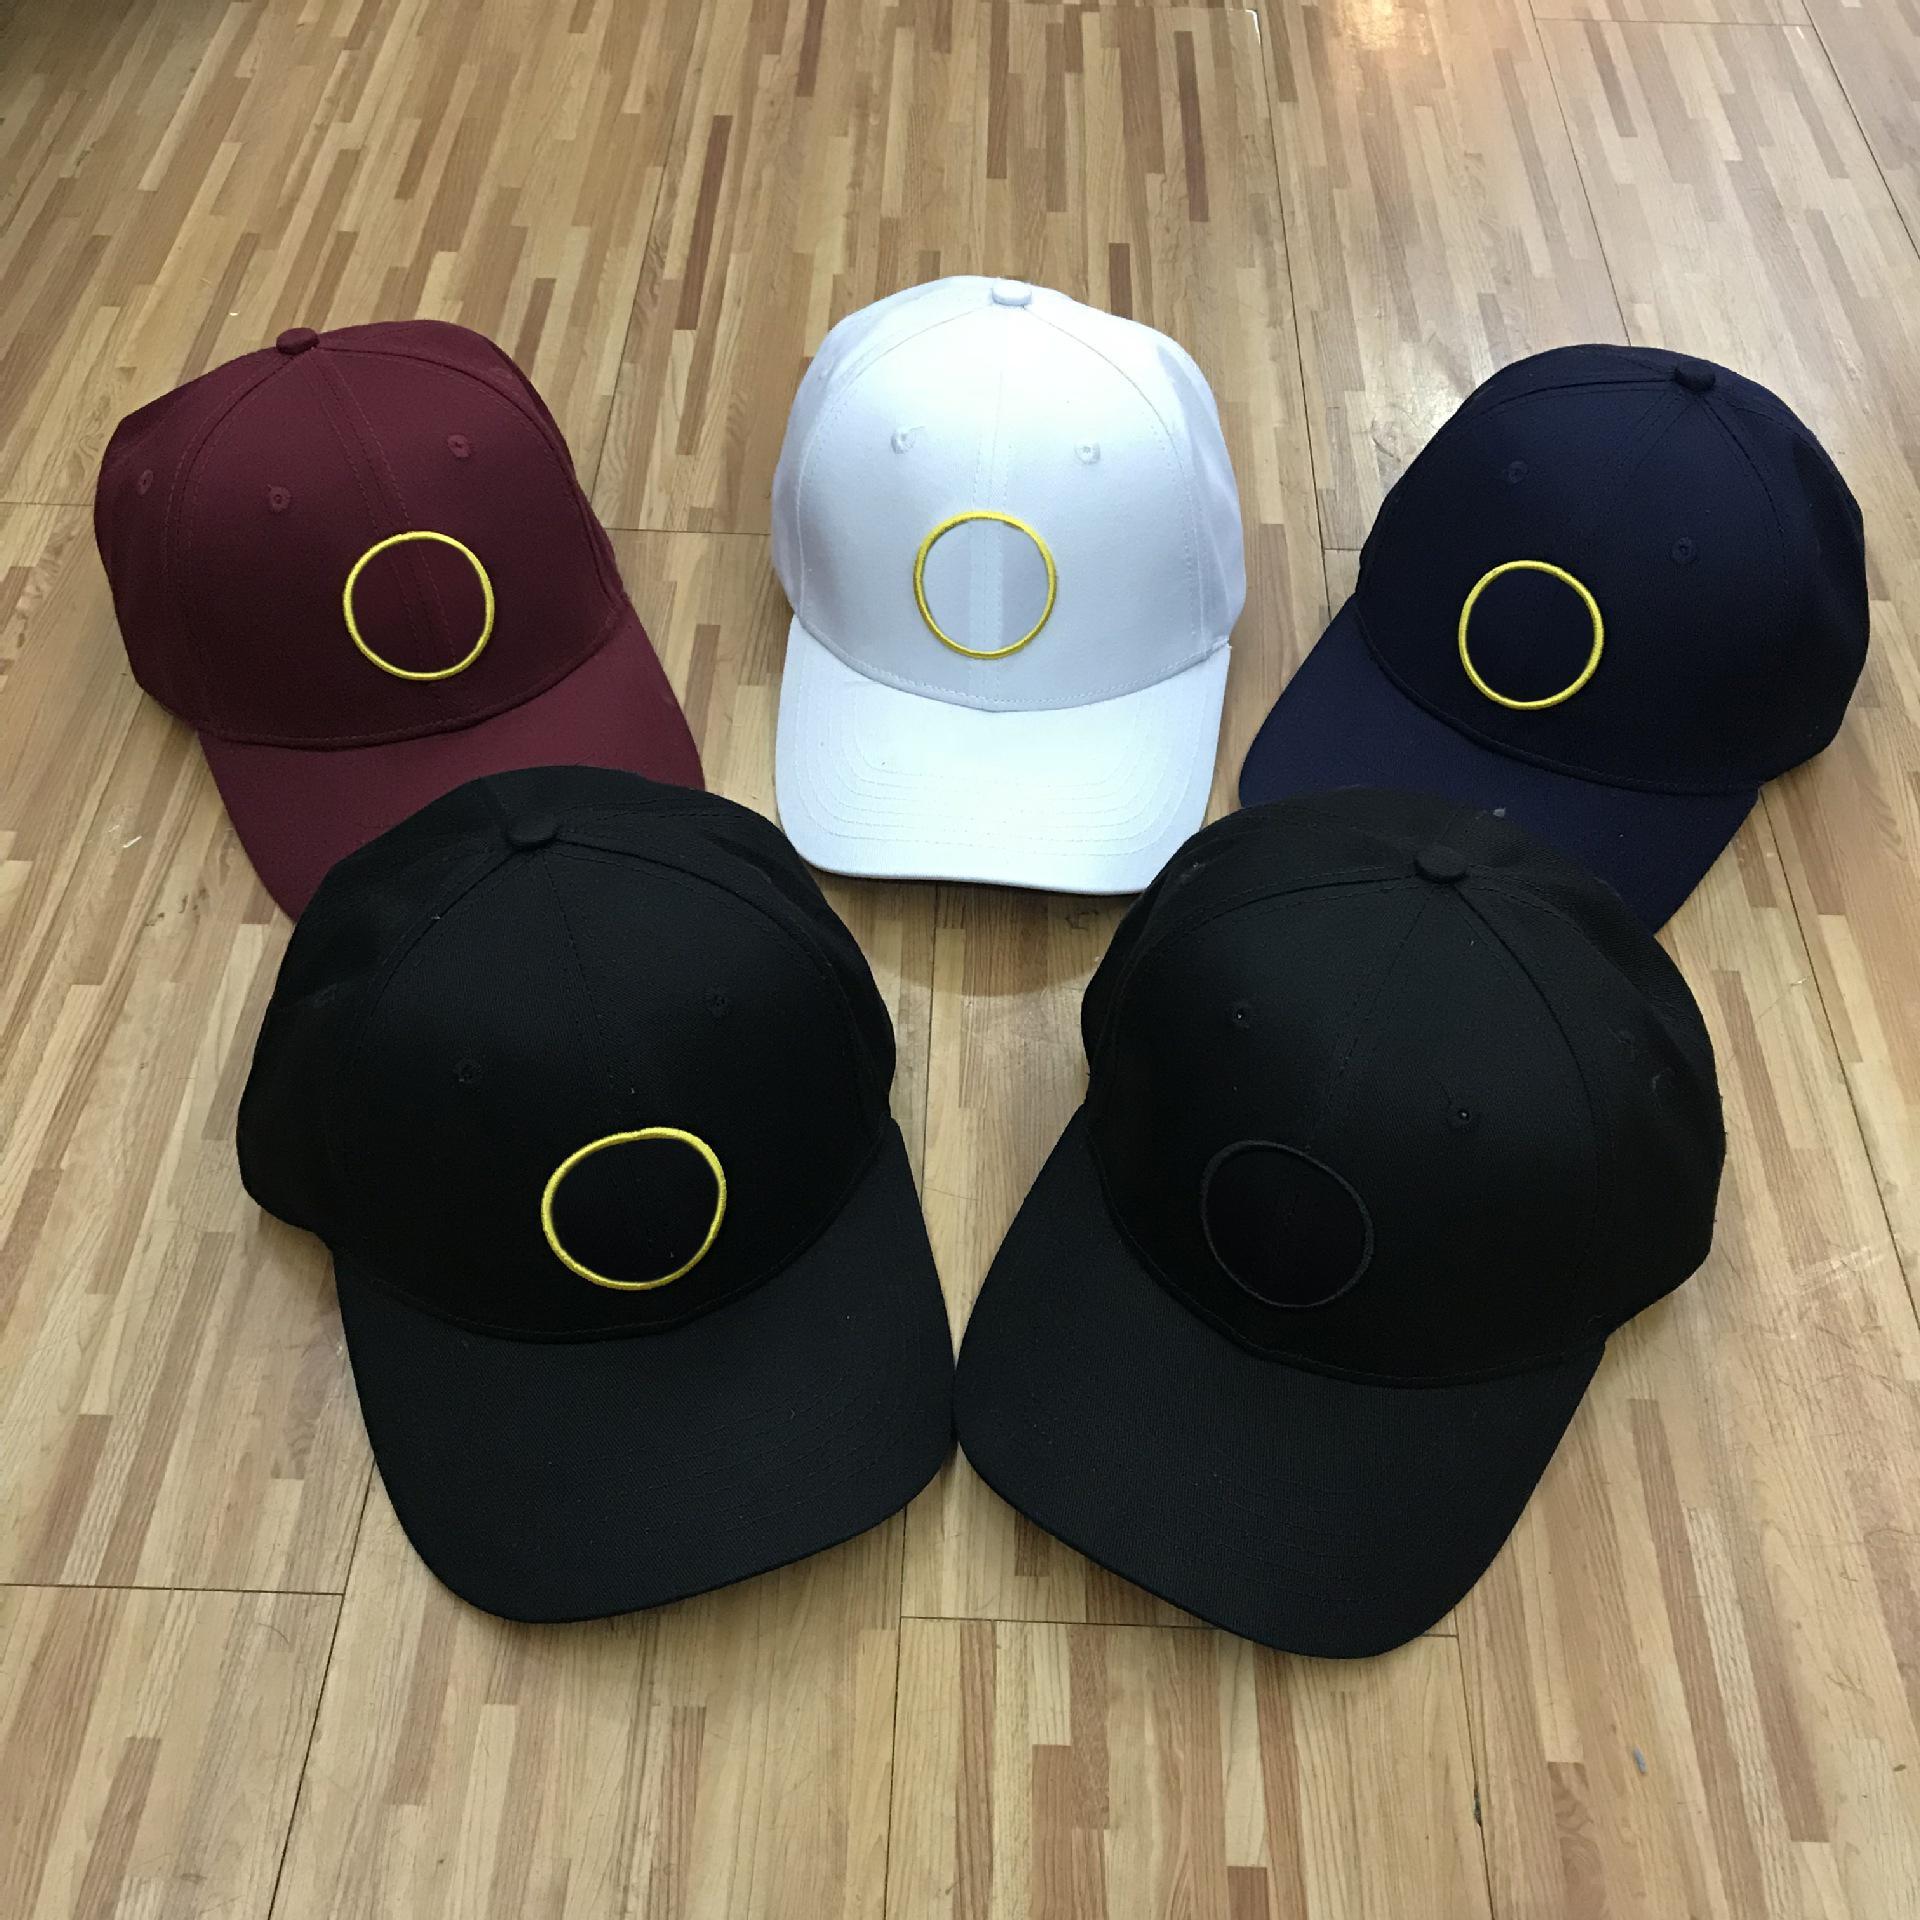 هايت الجودة قبعات البيسبول الصيف التطريز الكرة كاب المرأة قبعة الشمس في الهواء الطلق قابل للتعديل الرجال مصمم القبعات